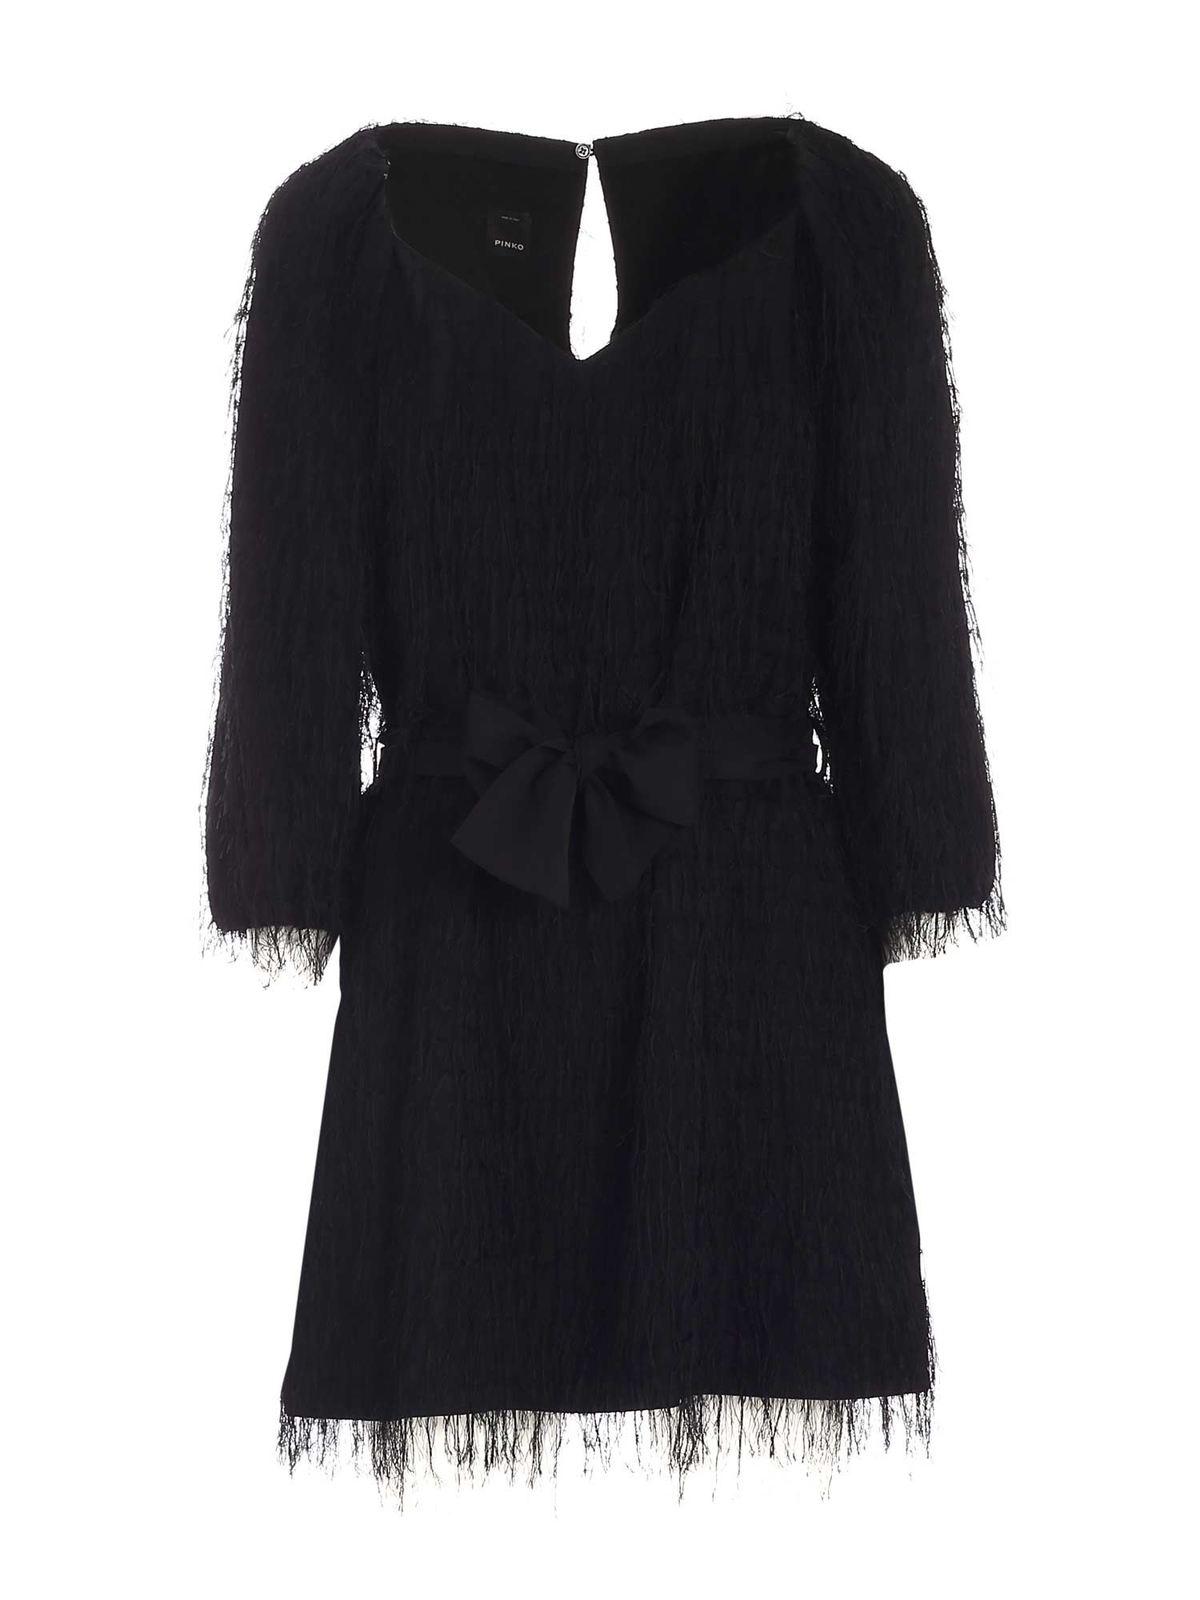 Pinko PRIVILEGIATO FRINGES DRESS IN BLACK